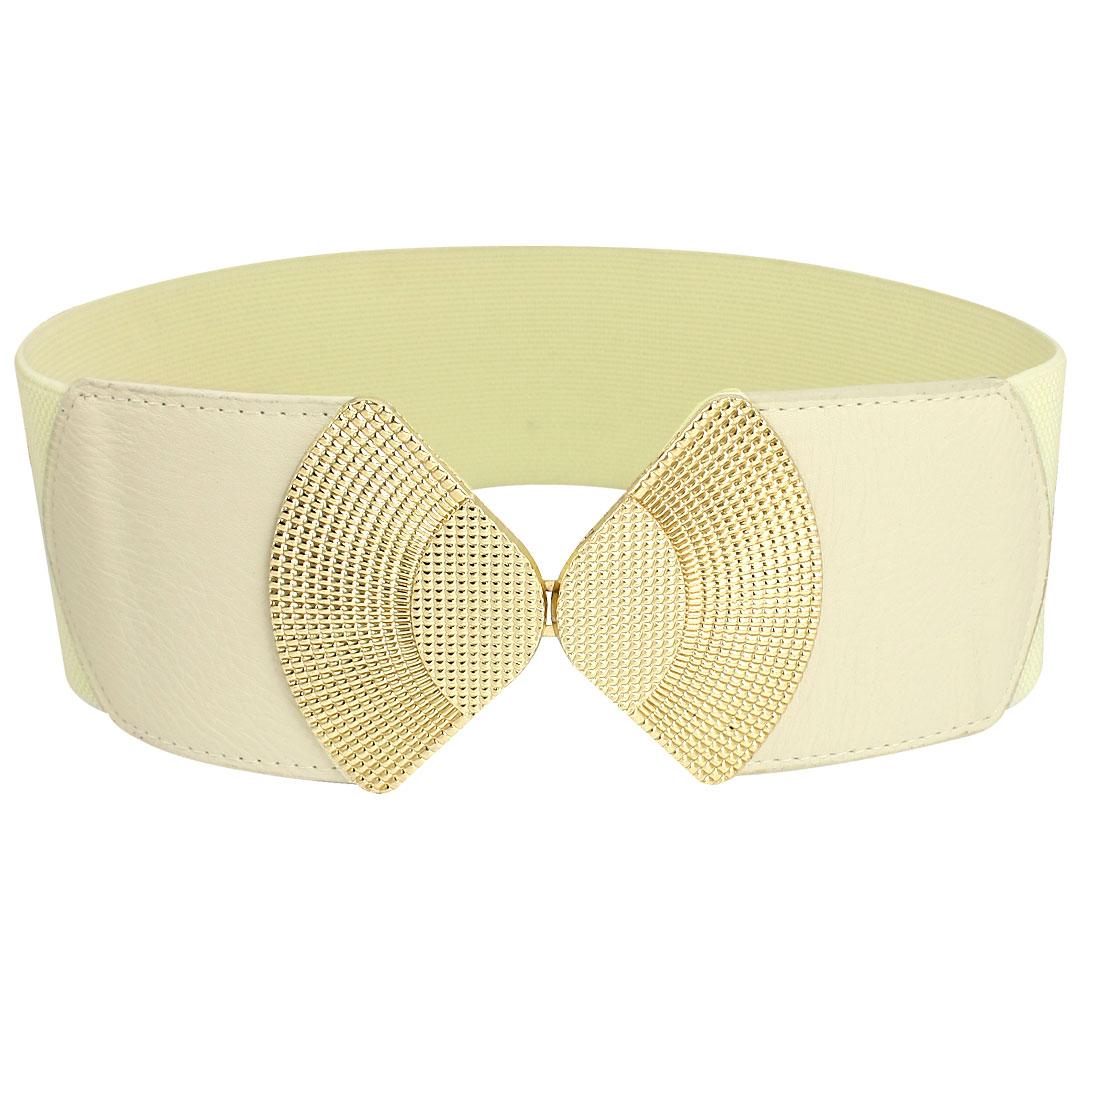 Woman Beige Double Fan Shape Metal Buckle Textured Stretch Cinch Belt